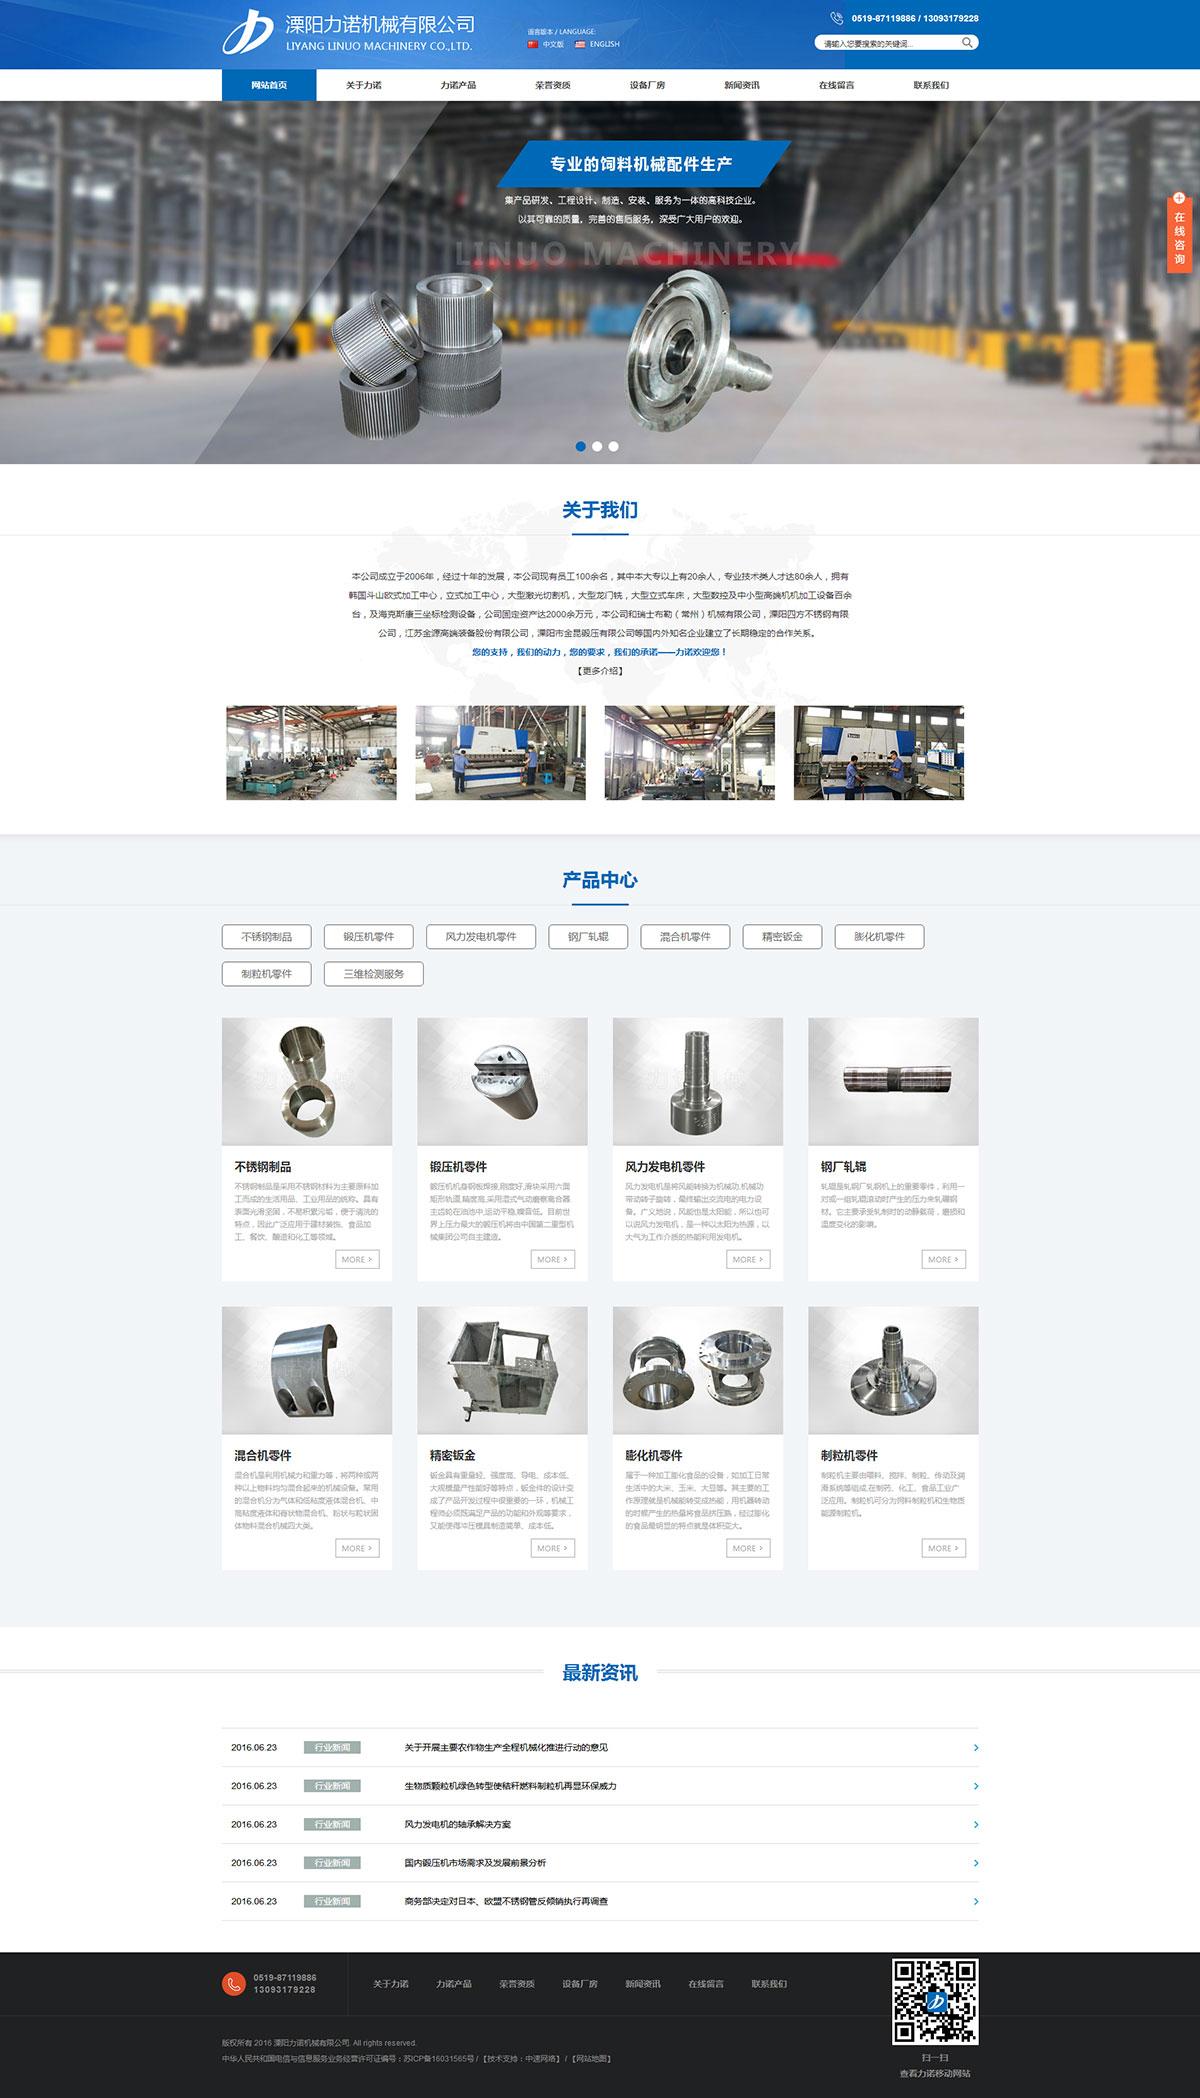 溧阳力诺机械有限公司-网站效果图